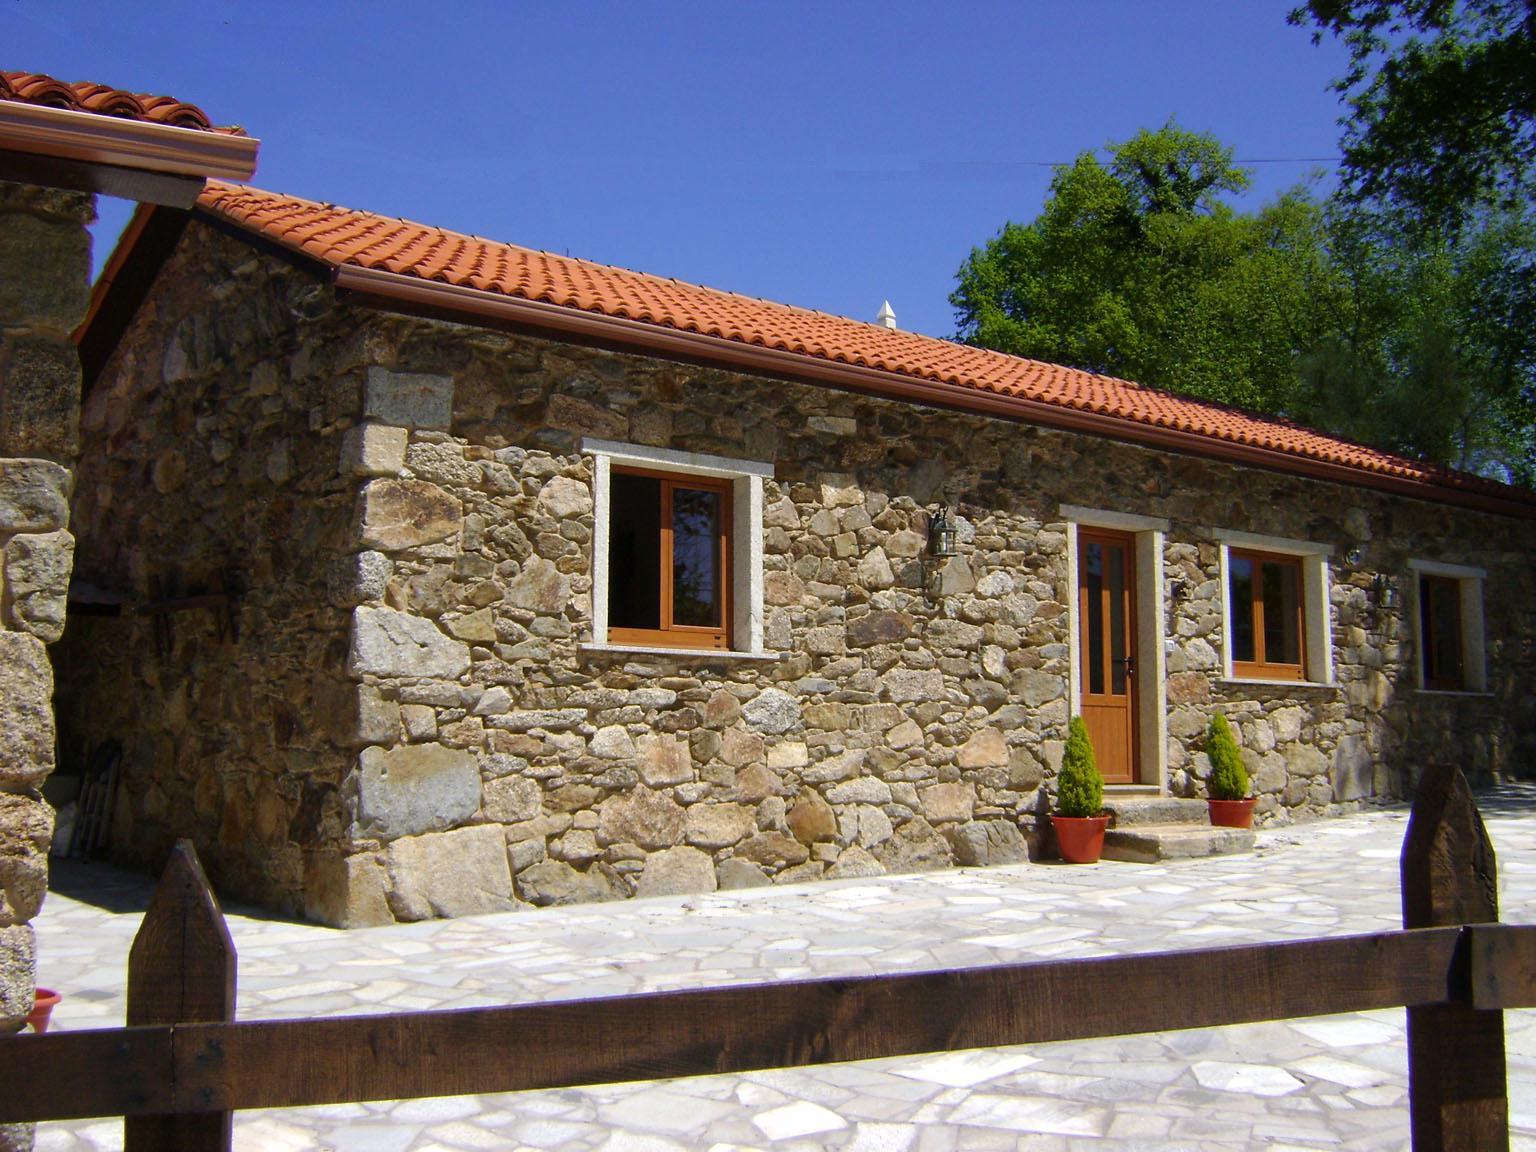 Aluguel quinta curtis la coru a espanha a illana 23 - Fotos de casas de piedra ...